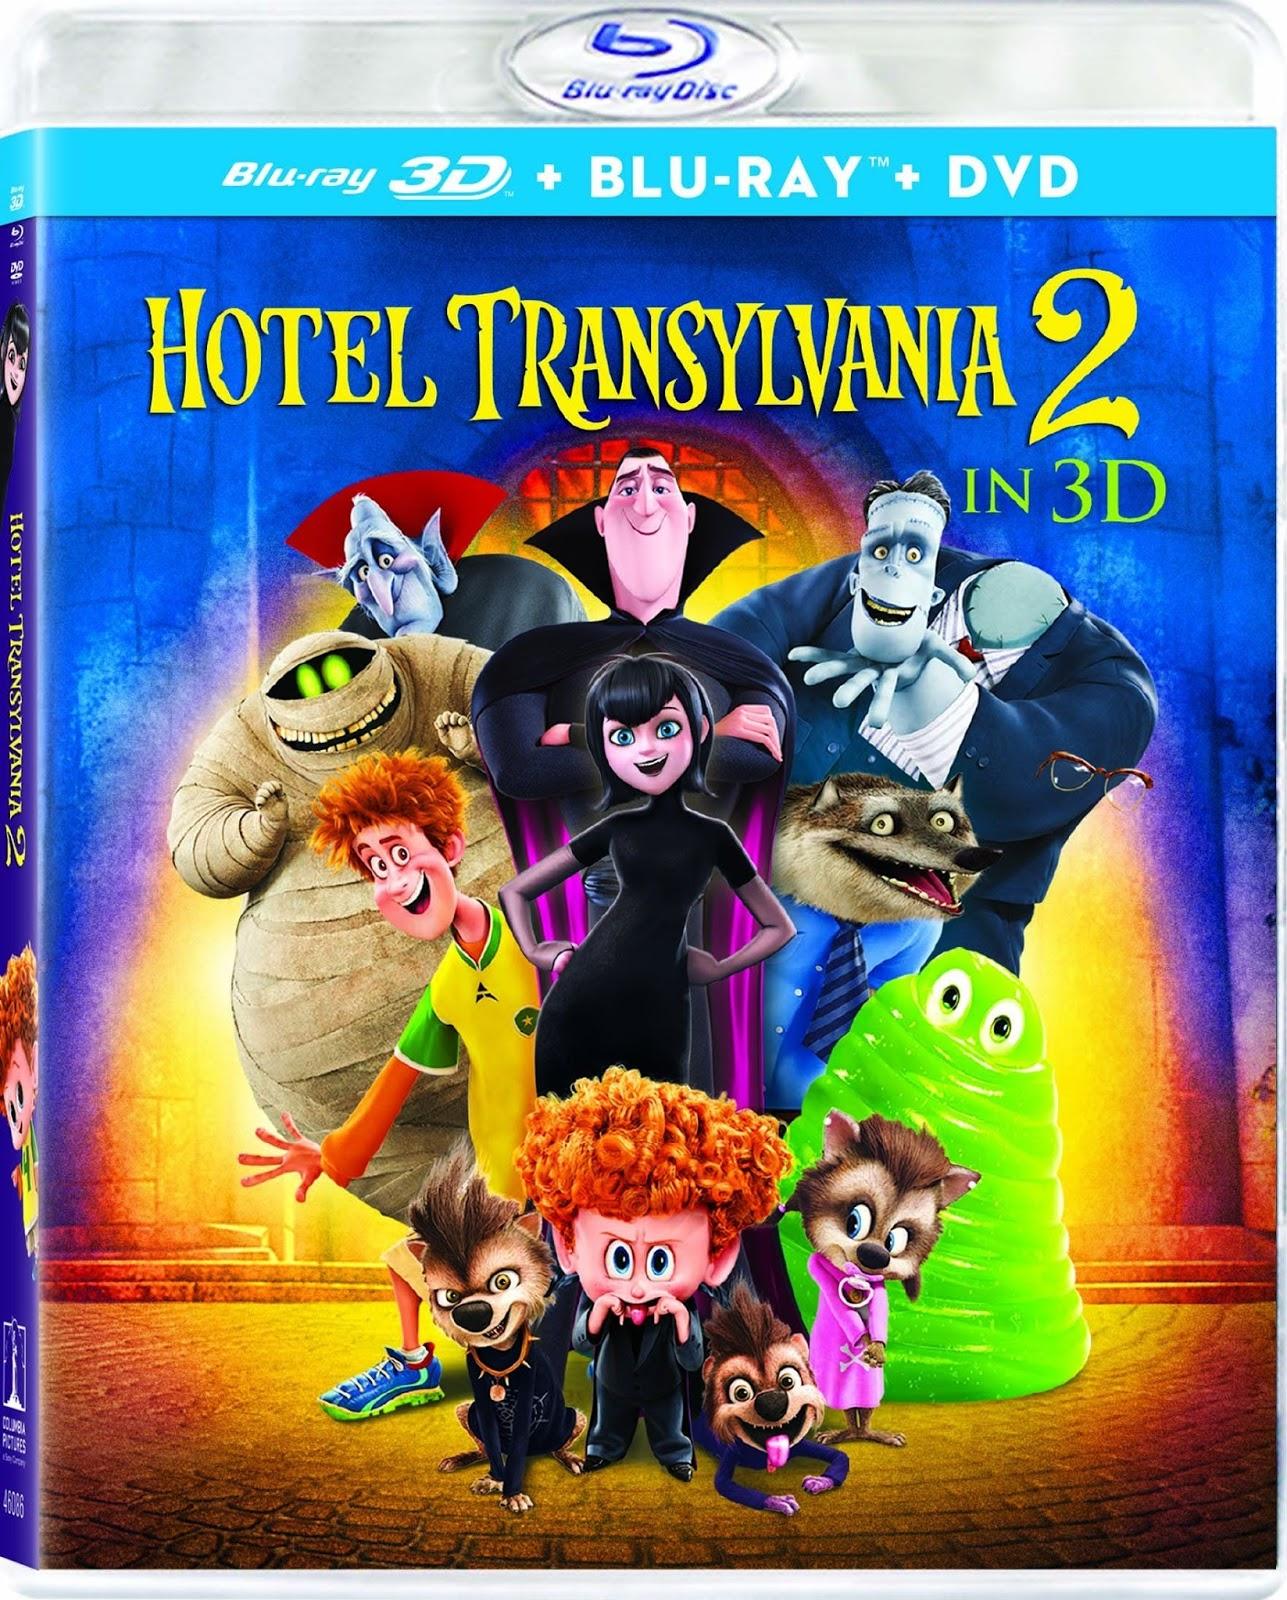 Hotel Transilvania 2 (2015) 1080p 2D y 3D BD25 Cover Caratula